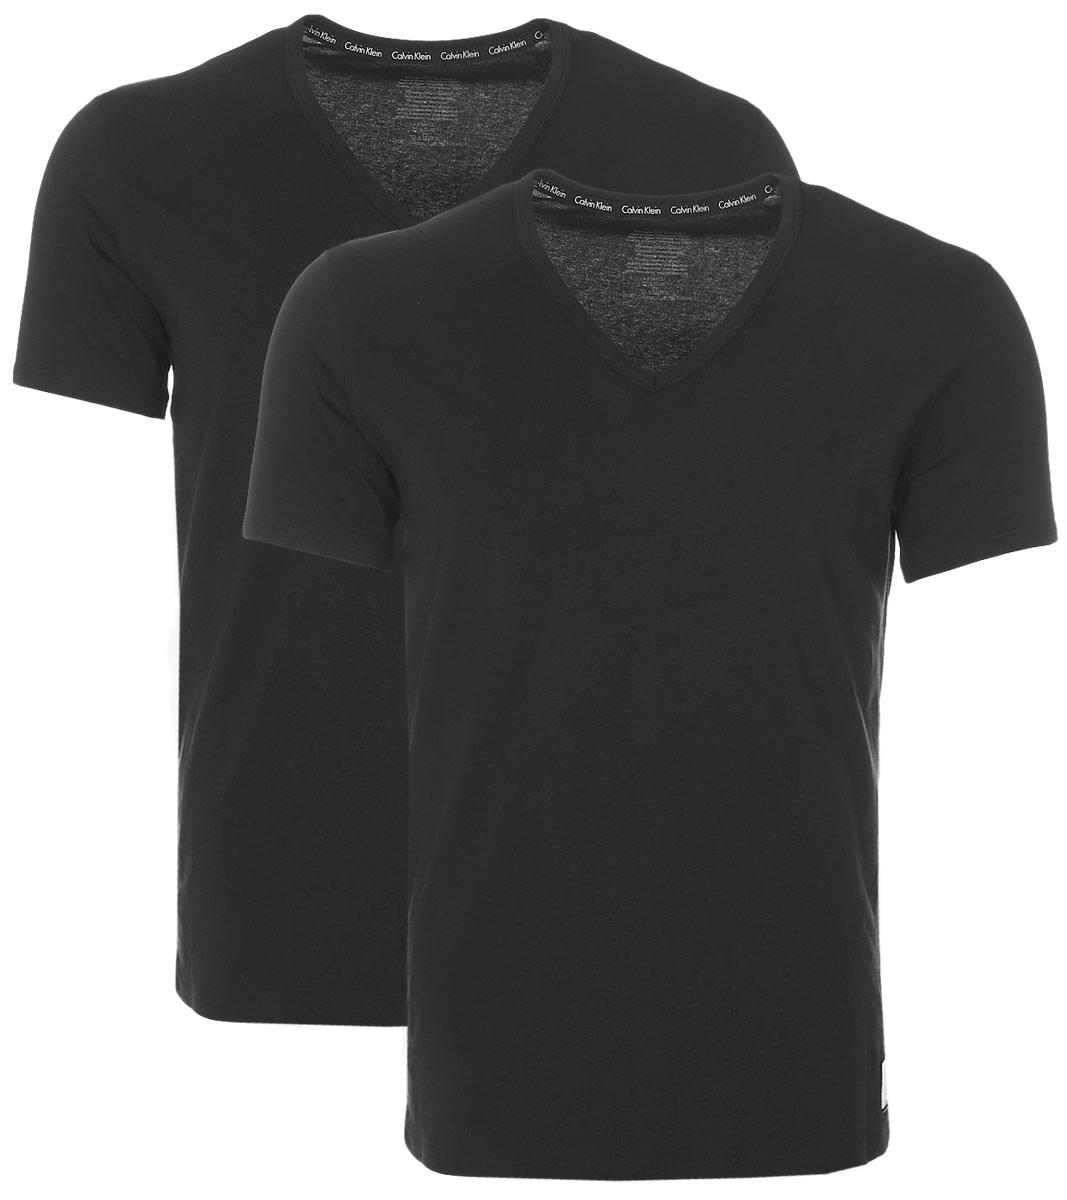 Футболка для домаNU8698AМужская футболка Calvin Klein Underwear изготовлена из натурального хлопка с добавлением эластана. Модель выполнена V-образной горловиной и короткими рукавами. Футболка дополнена квадратной нашивкой с названием бренда.